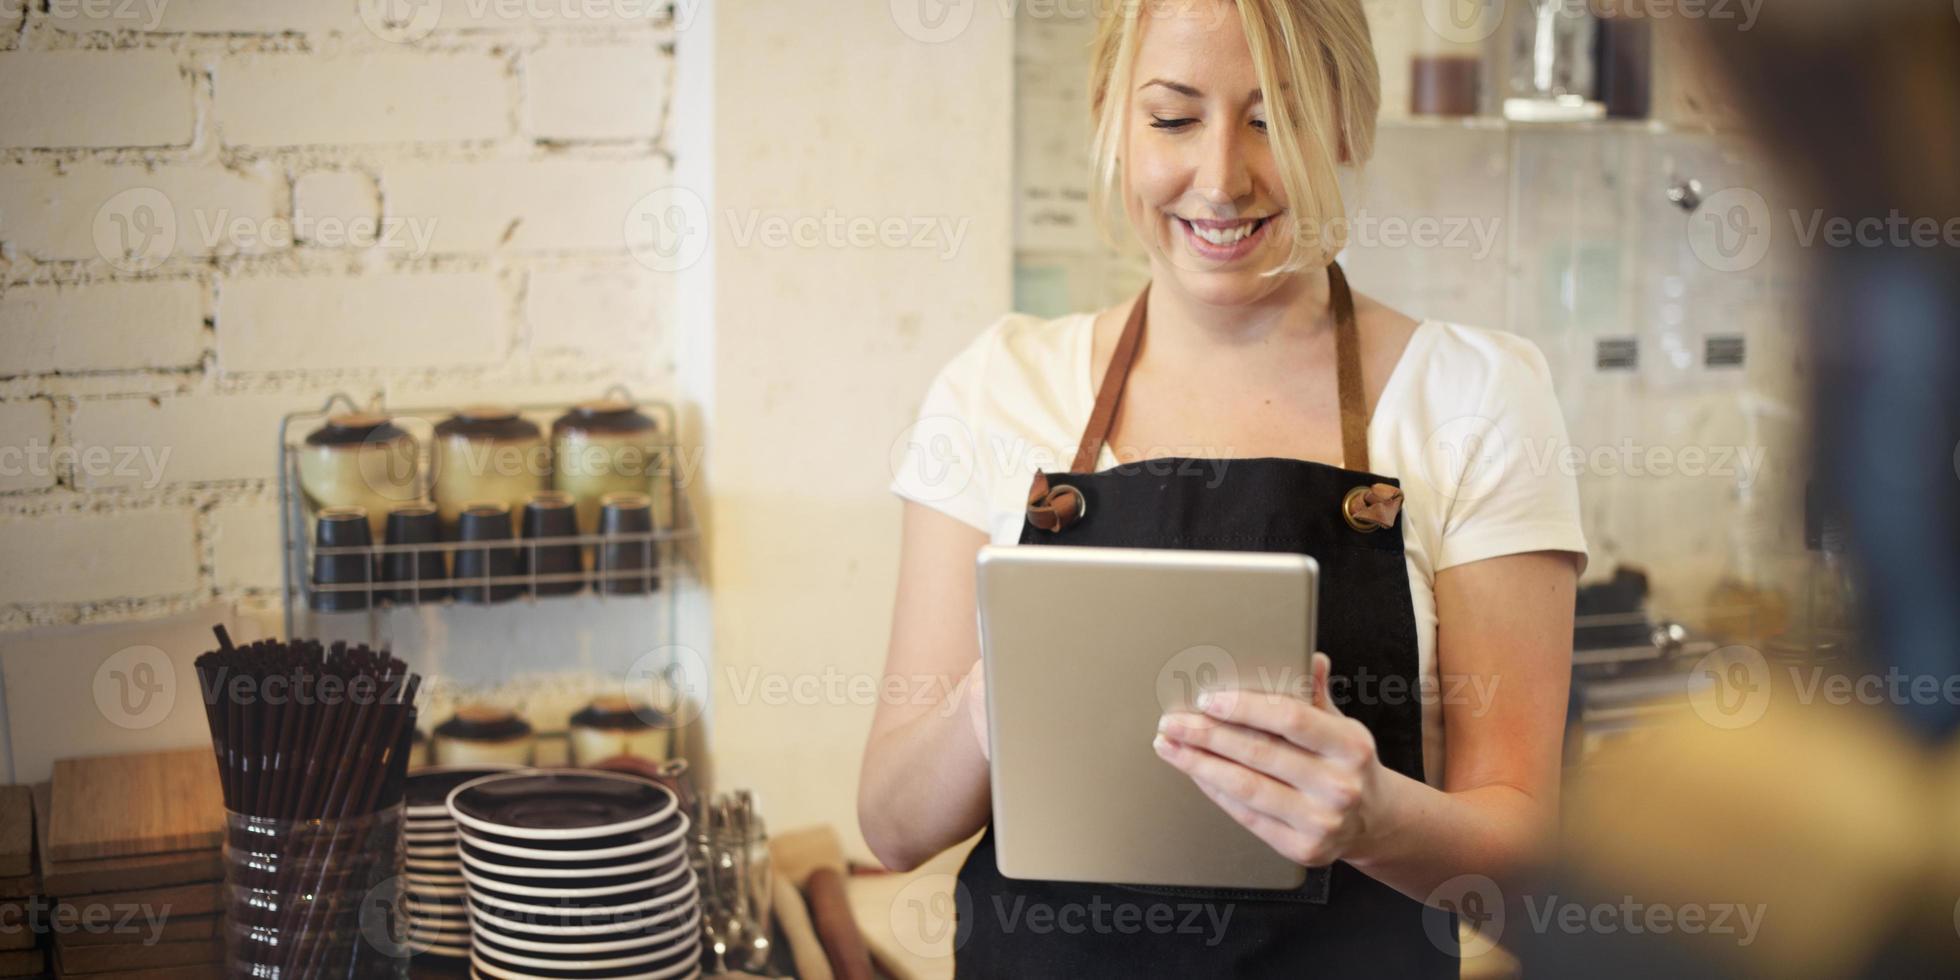 servicio restaurante barista cafe cafeteria sirviendo concepto foto